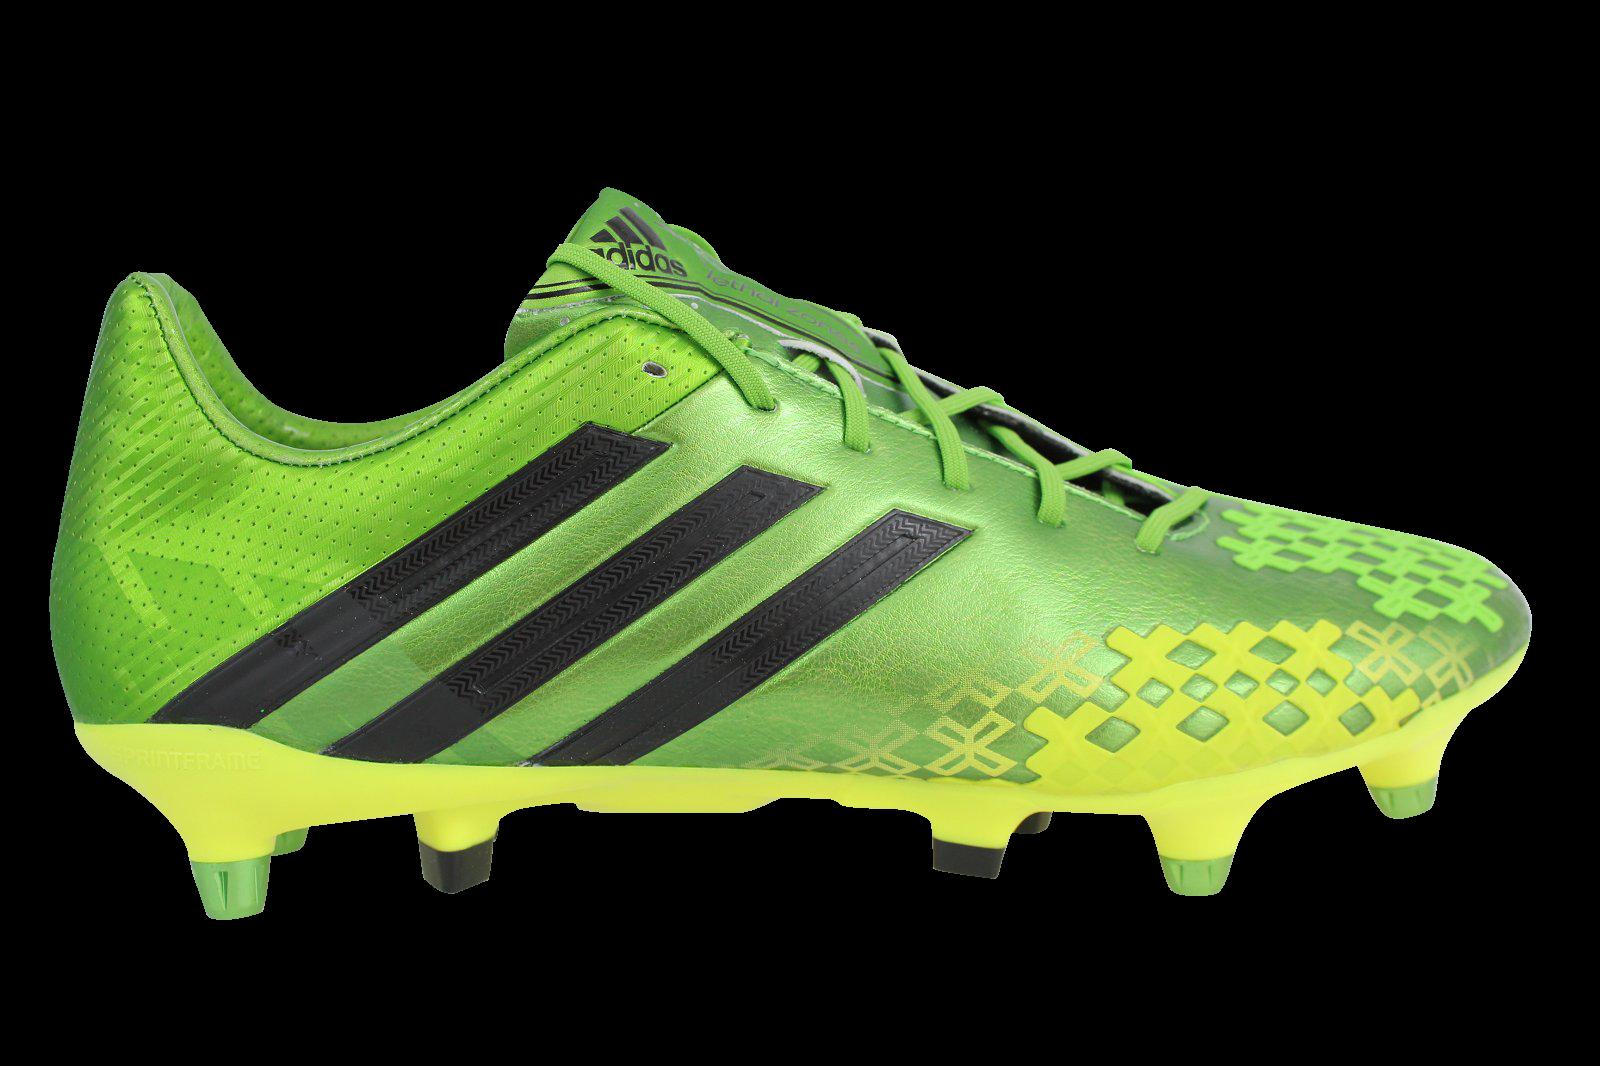 Homme Adidas Predator Absolado X TRX SG Chaussures de